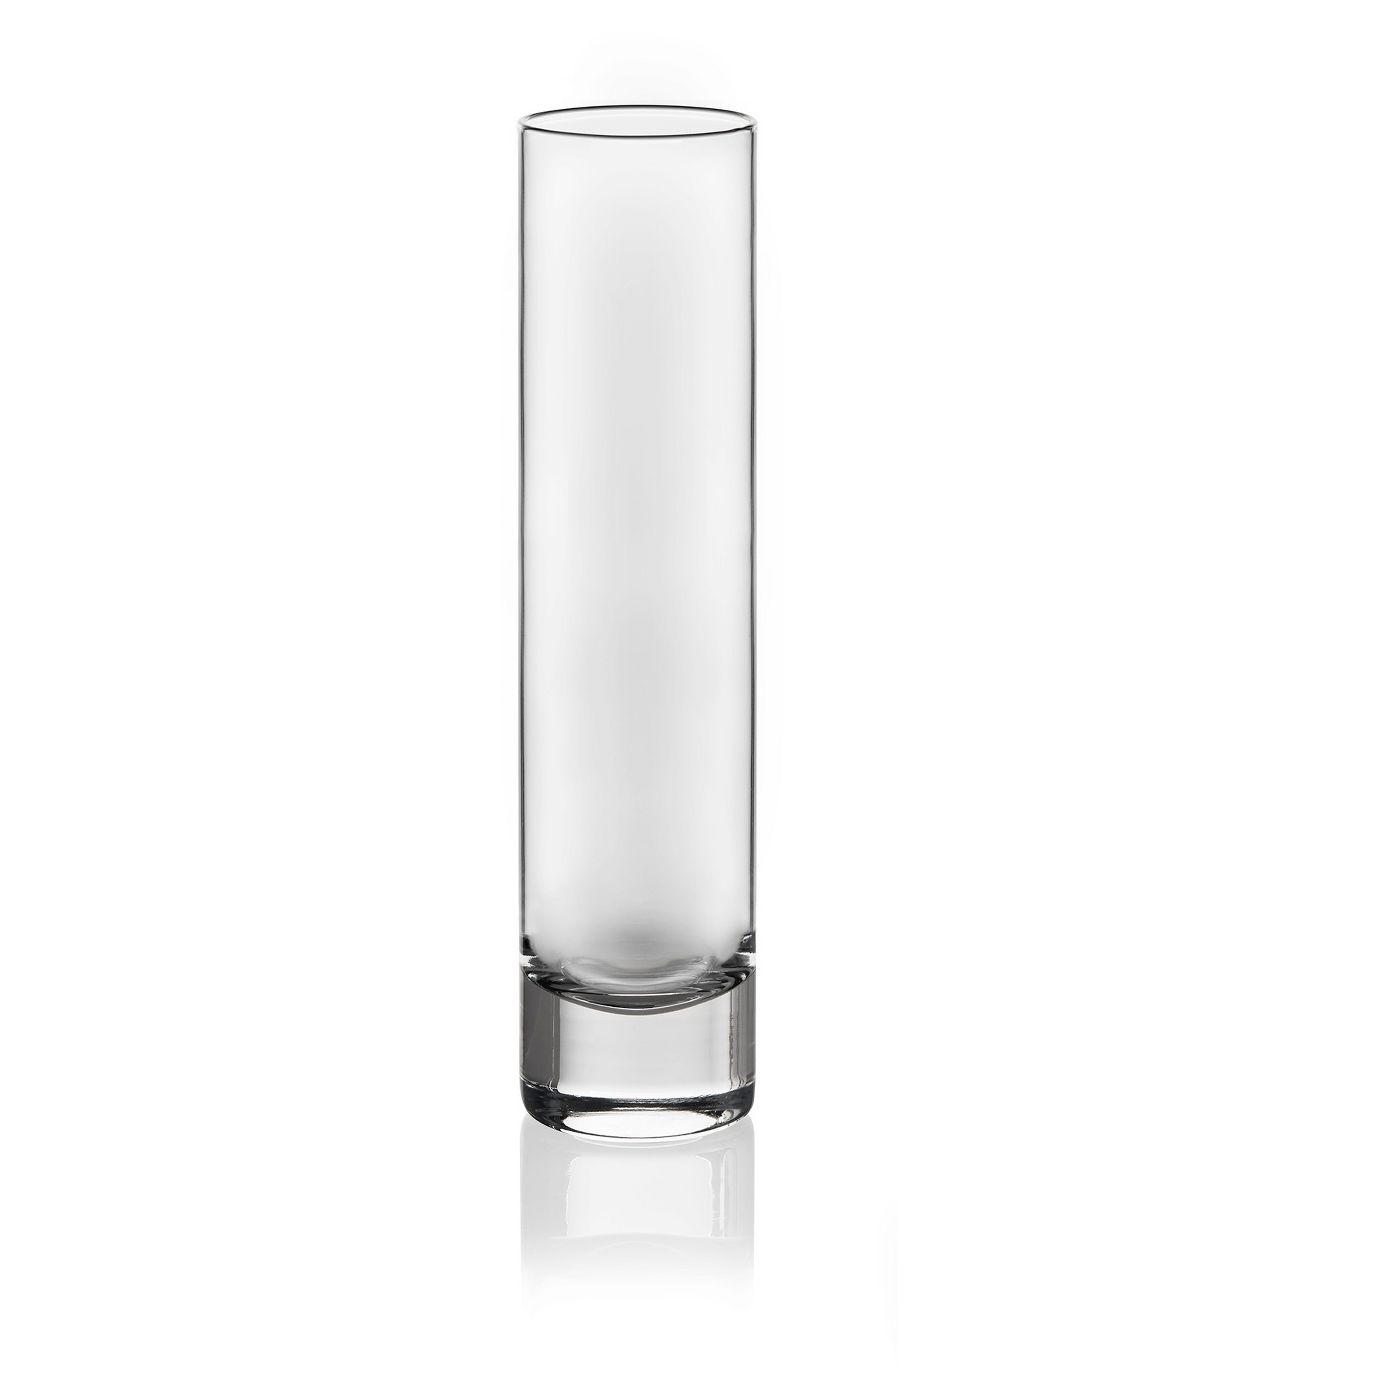 Glass Bud Vases $1